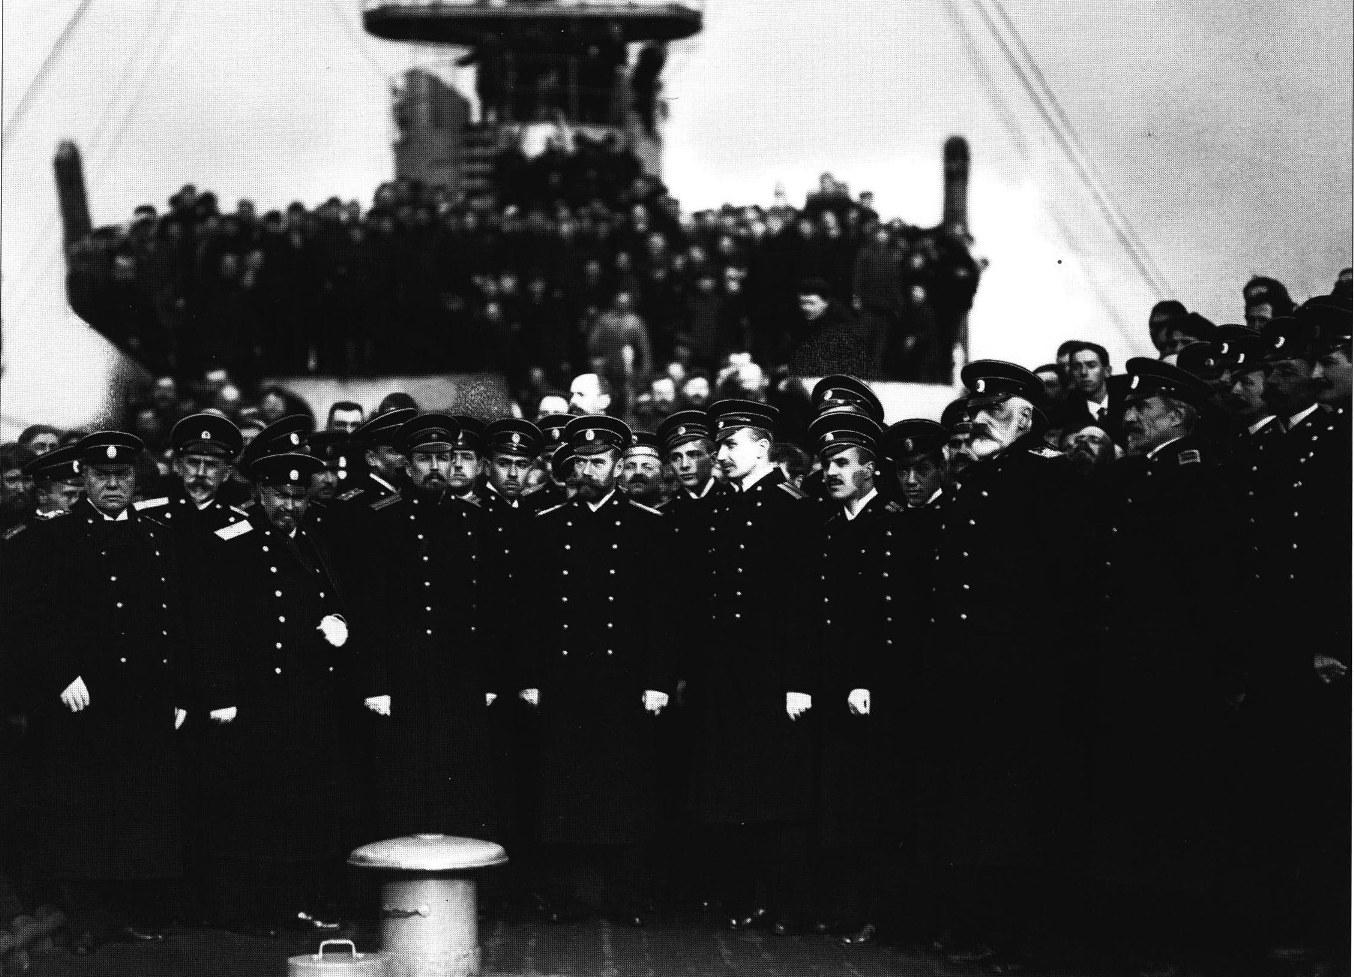 Император Николай II и морской министр И.К. Григорович среди офицеров строящегося линкора «Петропавловск». Санкт-Петербург. 1914